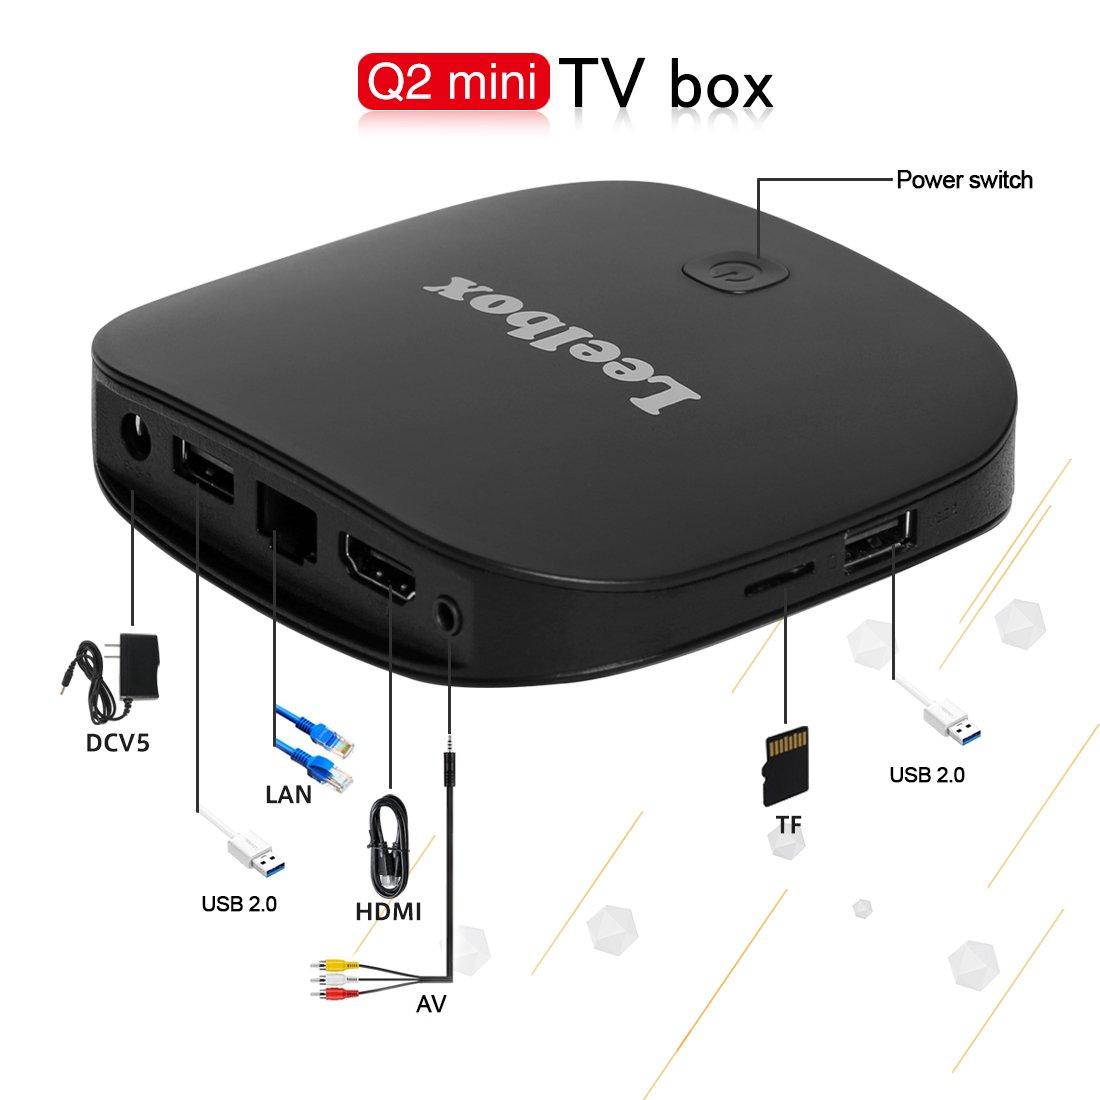 tictid 2018 4k tv box android 7.1